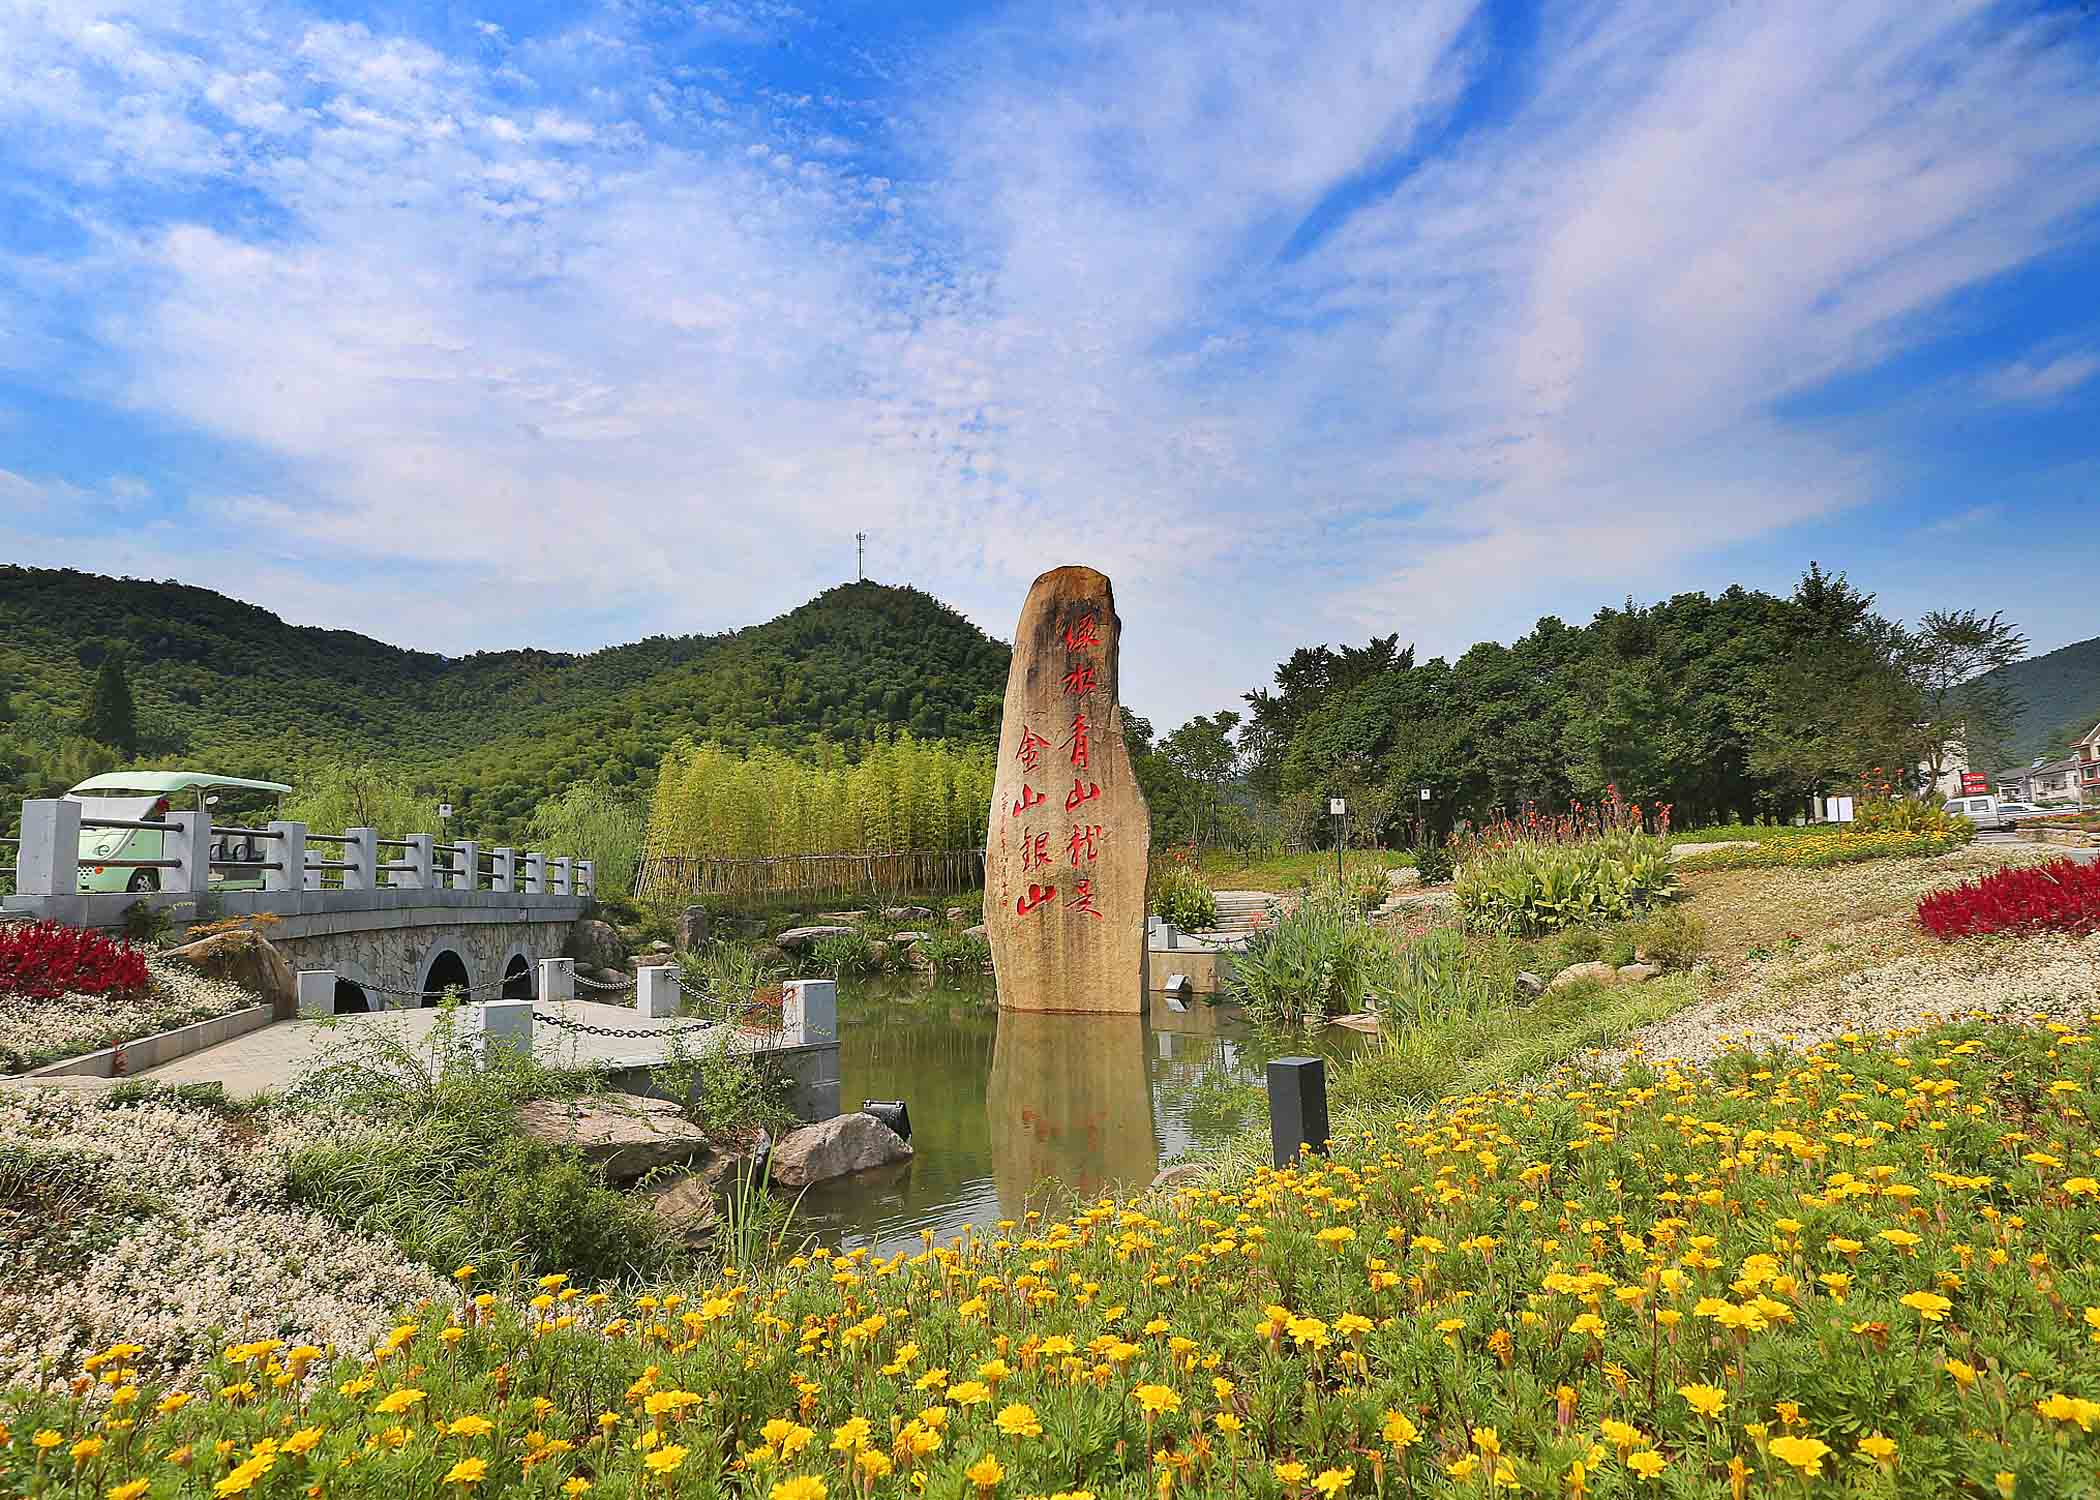 """在浙江安吉余村,铭刻着""""绿水青山就是金山银山""""的石碑就立在村头,无声地向游客""""讲述""""着余村的蜕变。 夏鹏飞摄"""